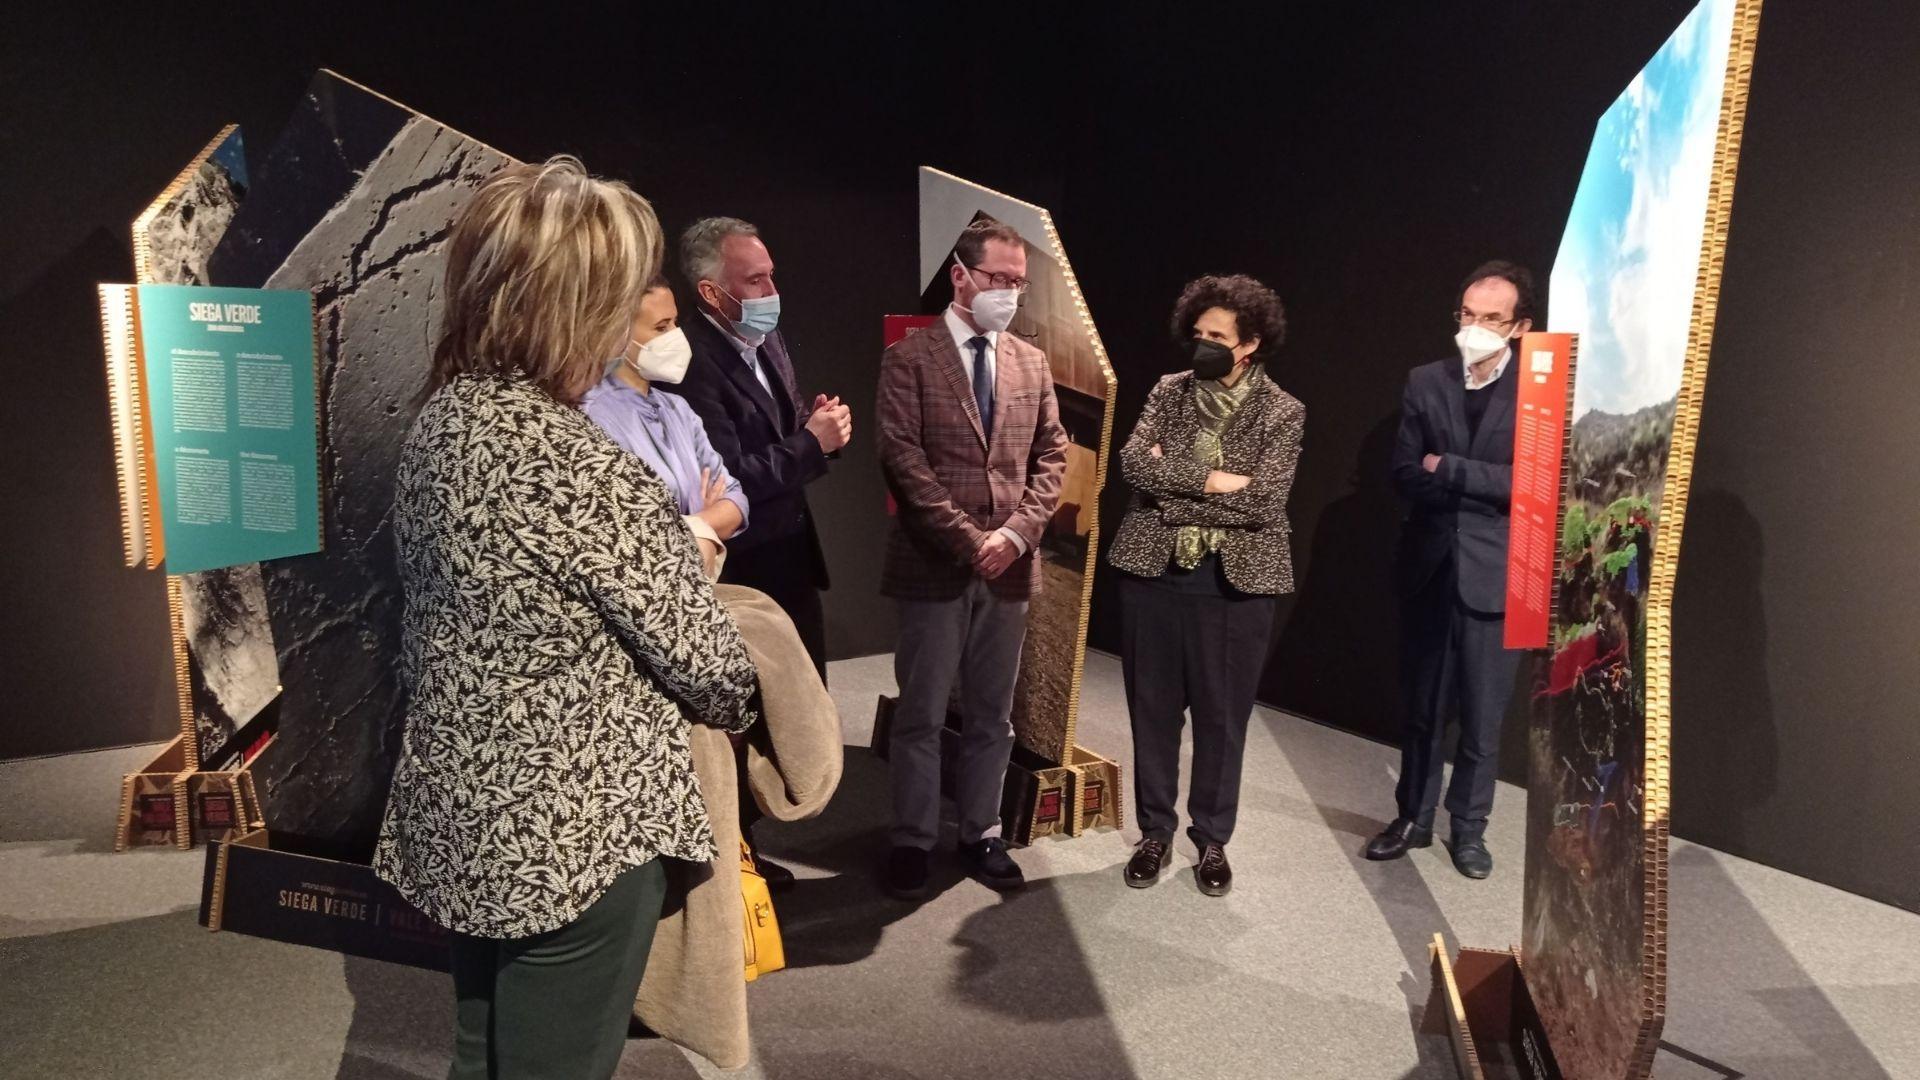 guardia civil asturias.La consejera de Cultura del Principado, Berta Piñán, segunda por la derecha, durante la presentación del décimo aniversario del centro de Arte Rupestre Tito Bustillo